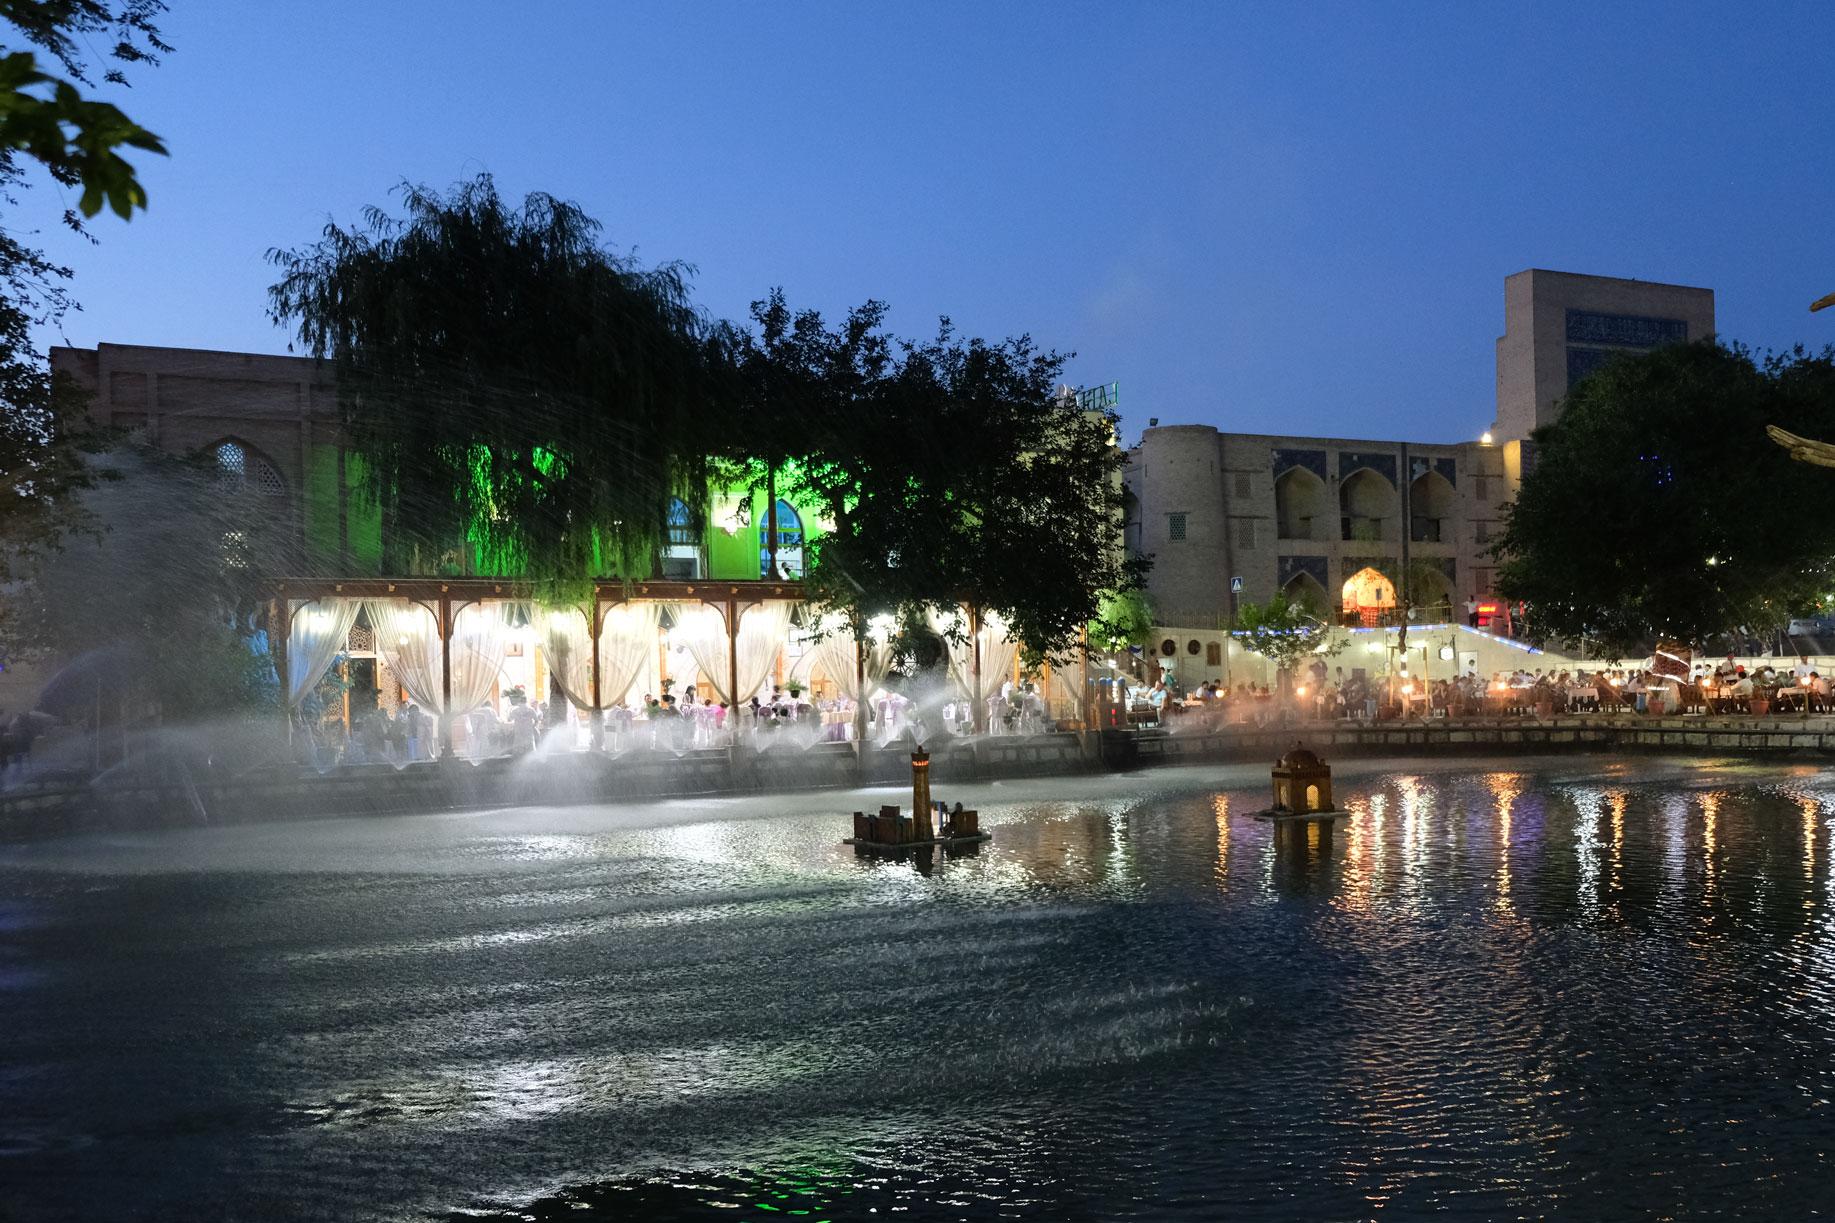 Wenn es dunkel wird, sammeln sich viele Menschen am Labi Hovuz Wasserbecken, um in den angrenzenden Restaurants zu Abend zu essen